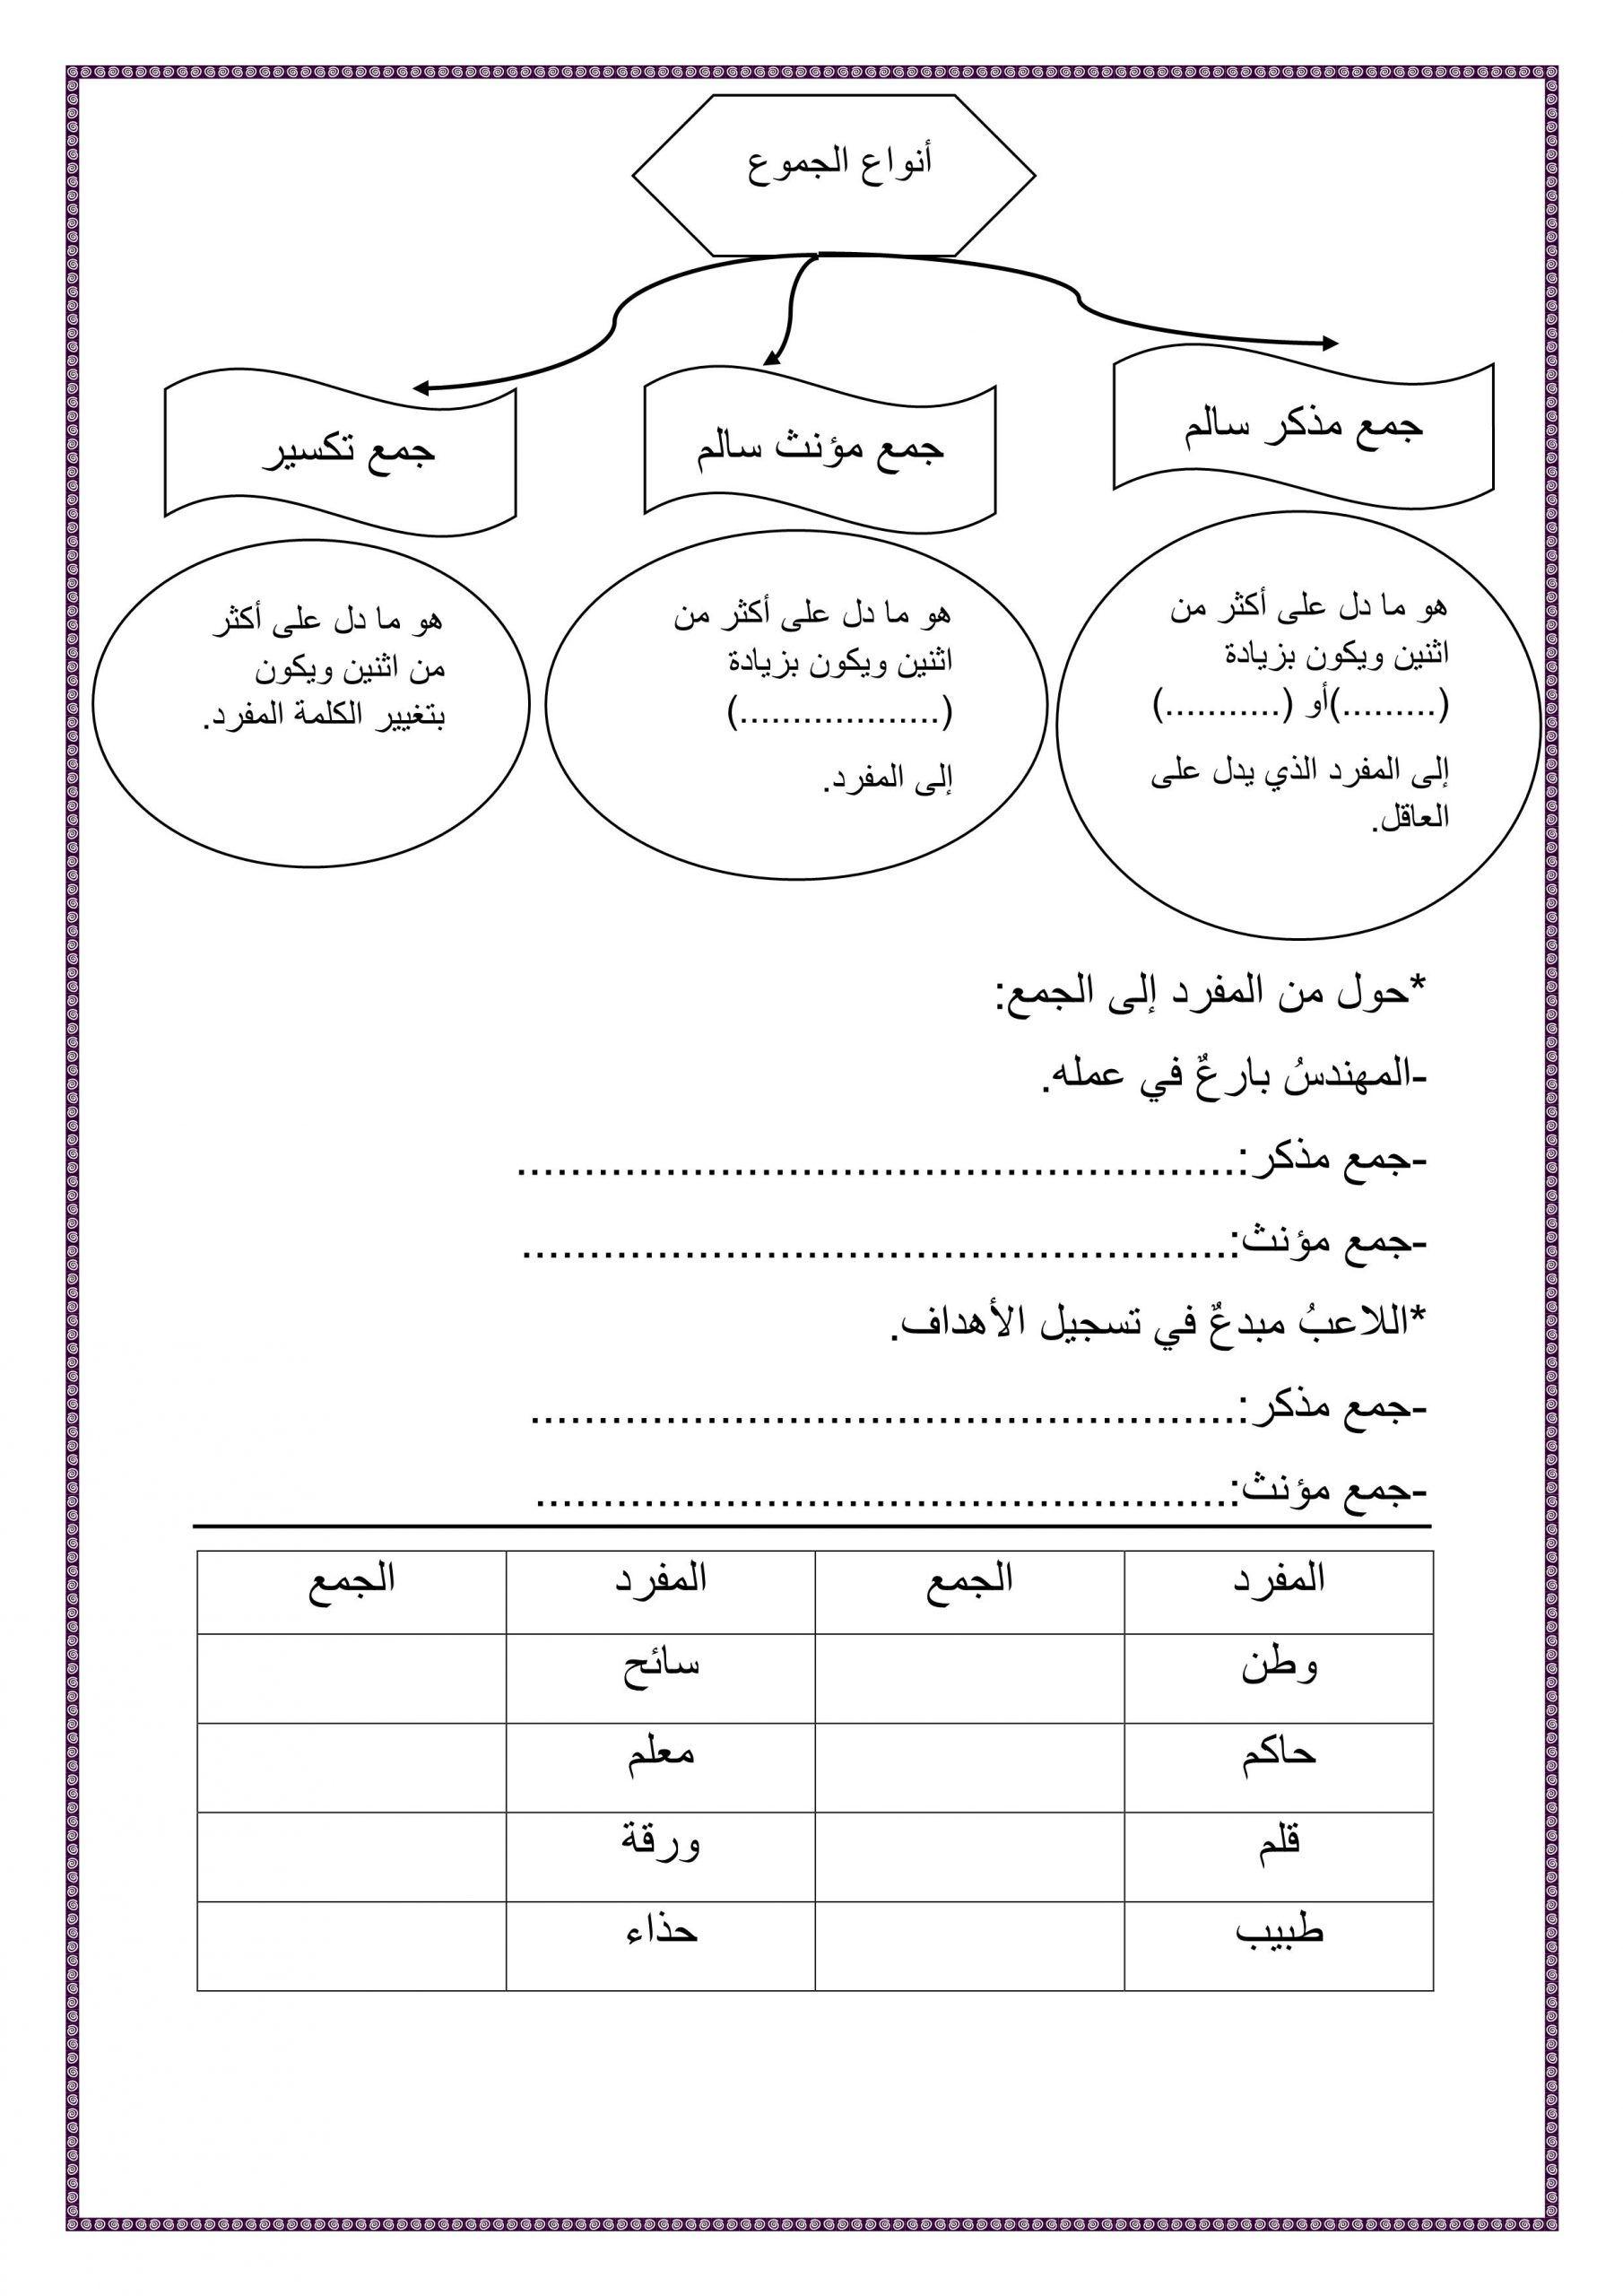 ورقة عمل درس انواع الجموع للصف الرابع مادة اللغة العربية